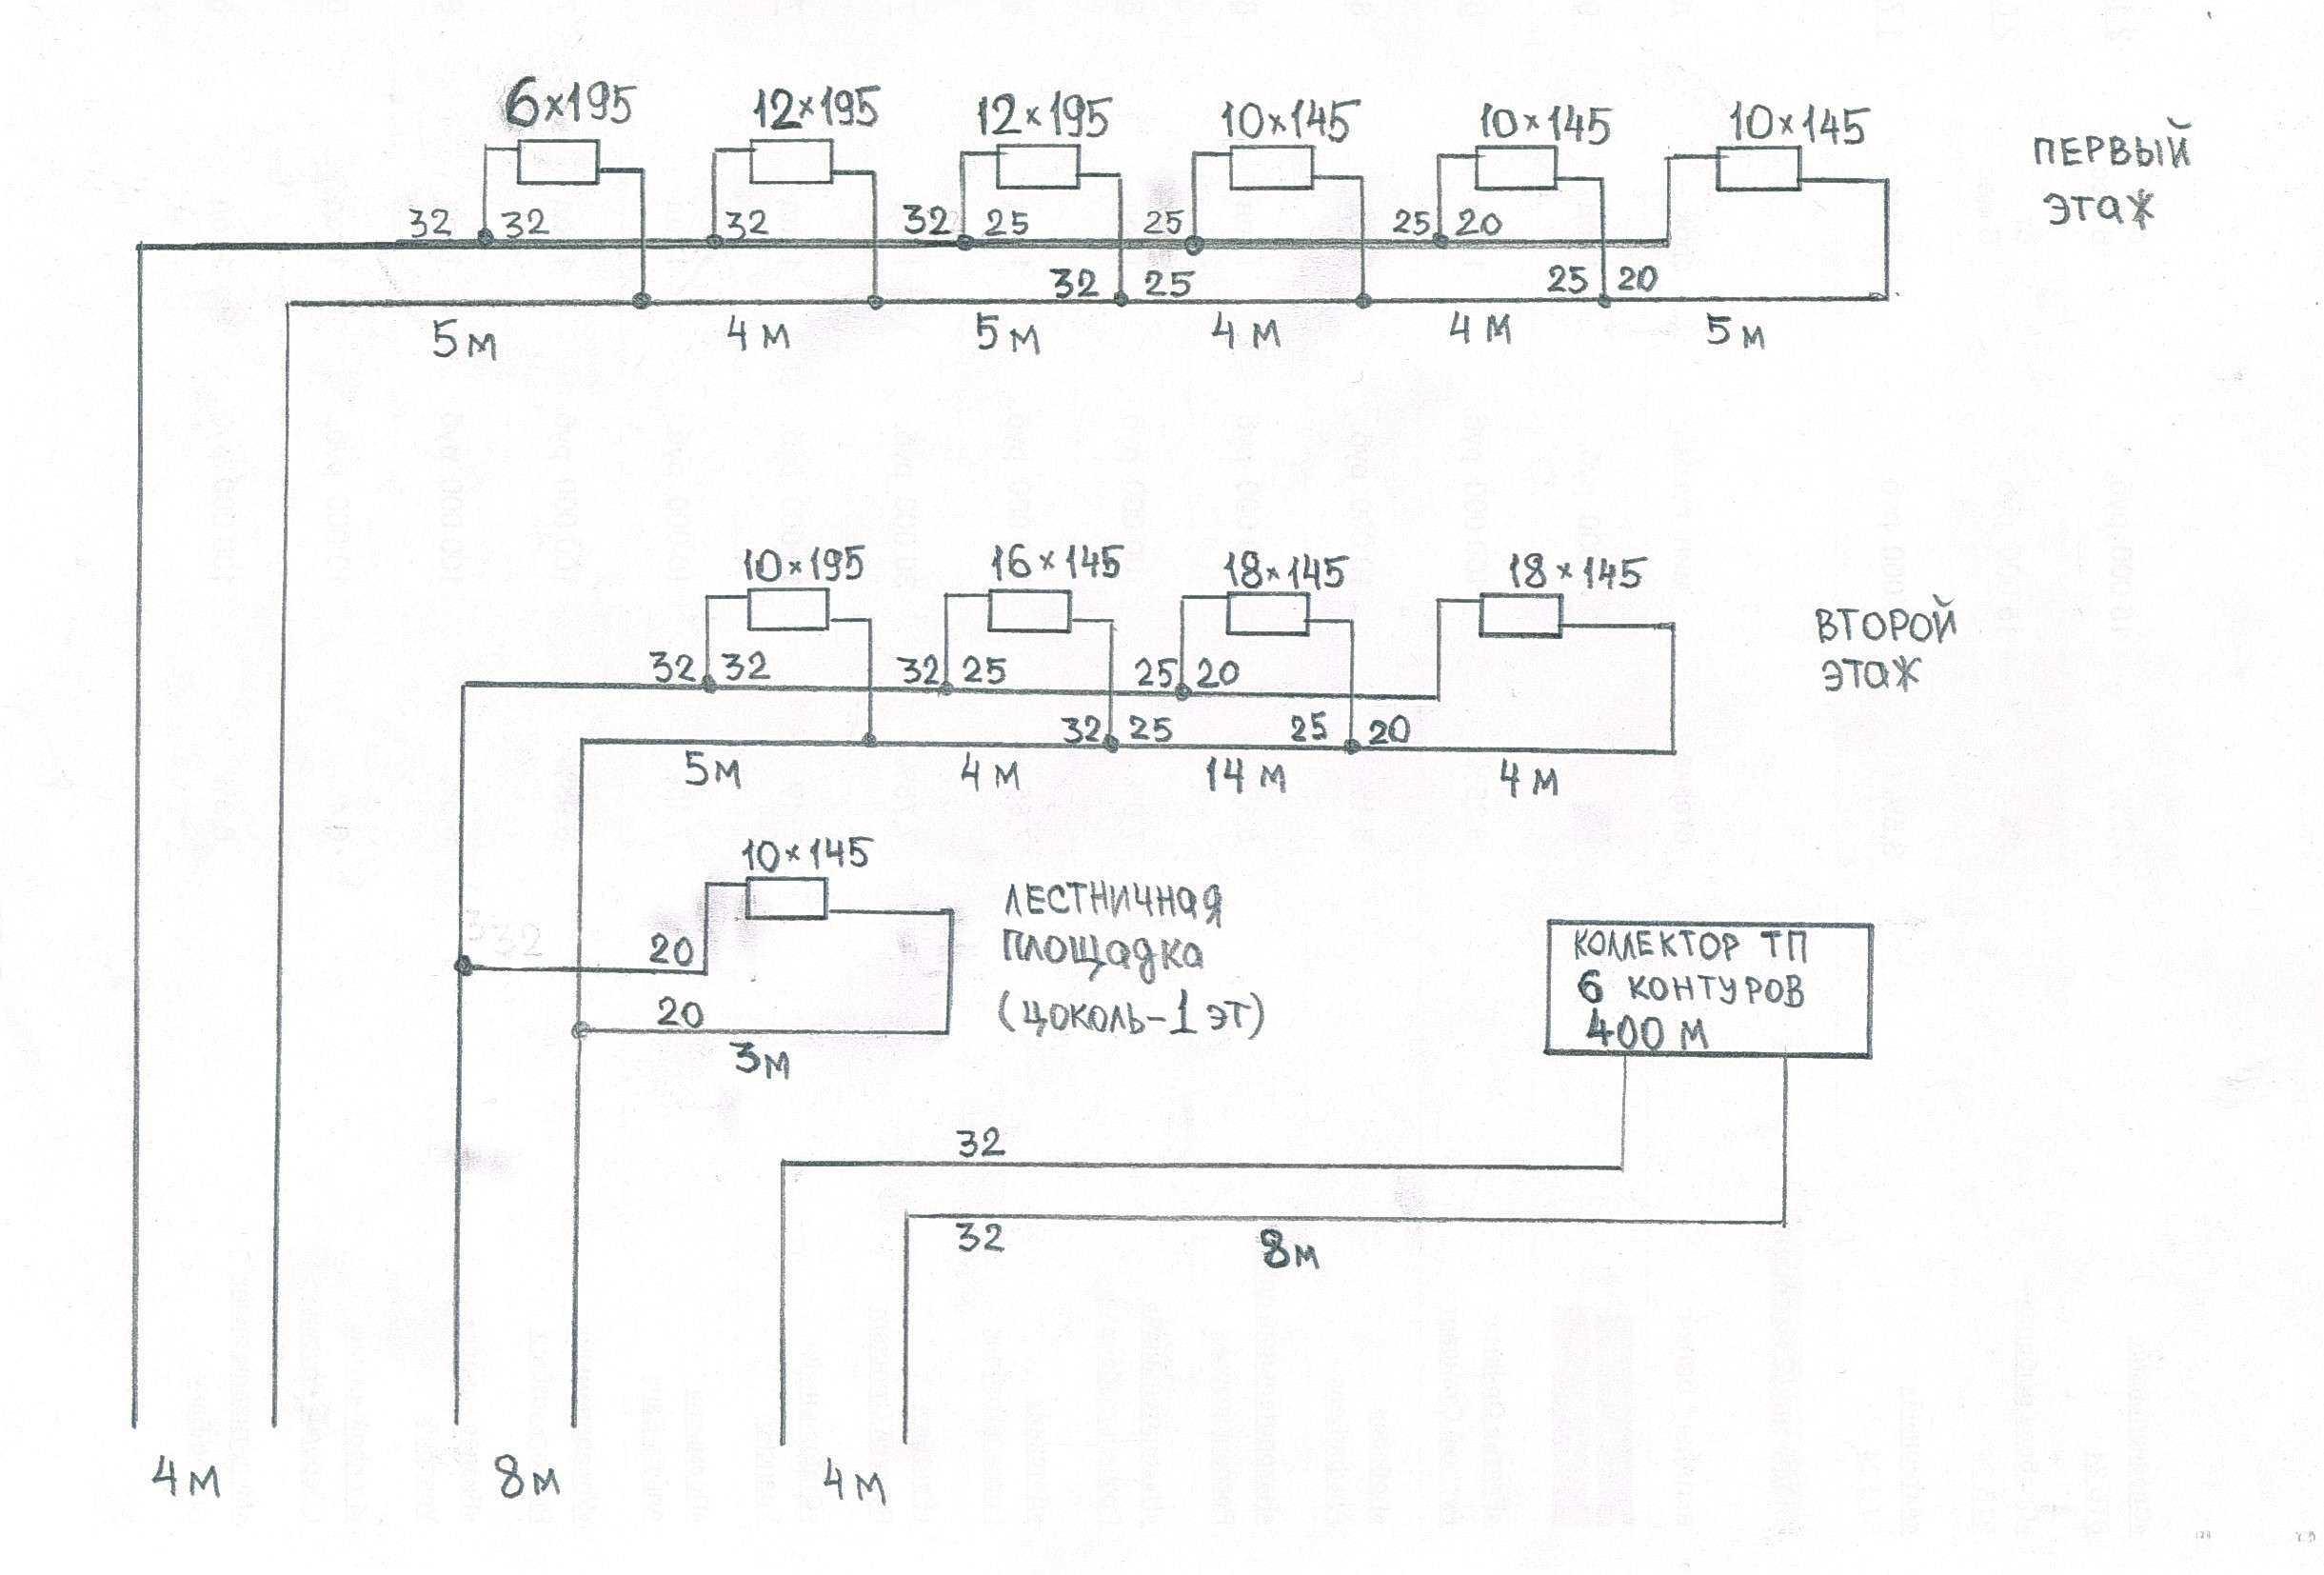 гидравлические схемы отопления с двумя контурами